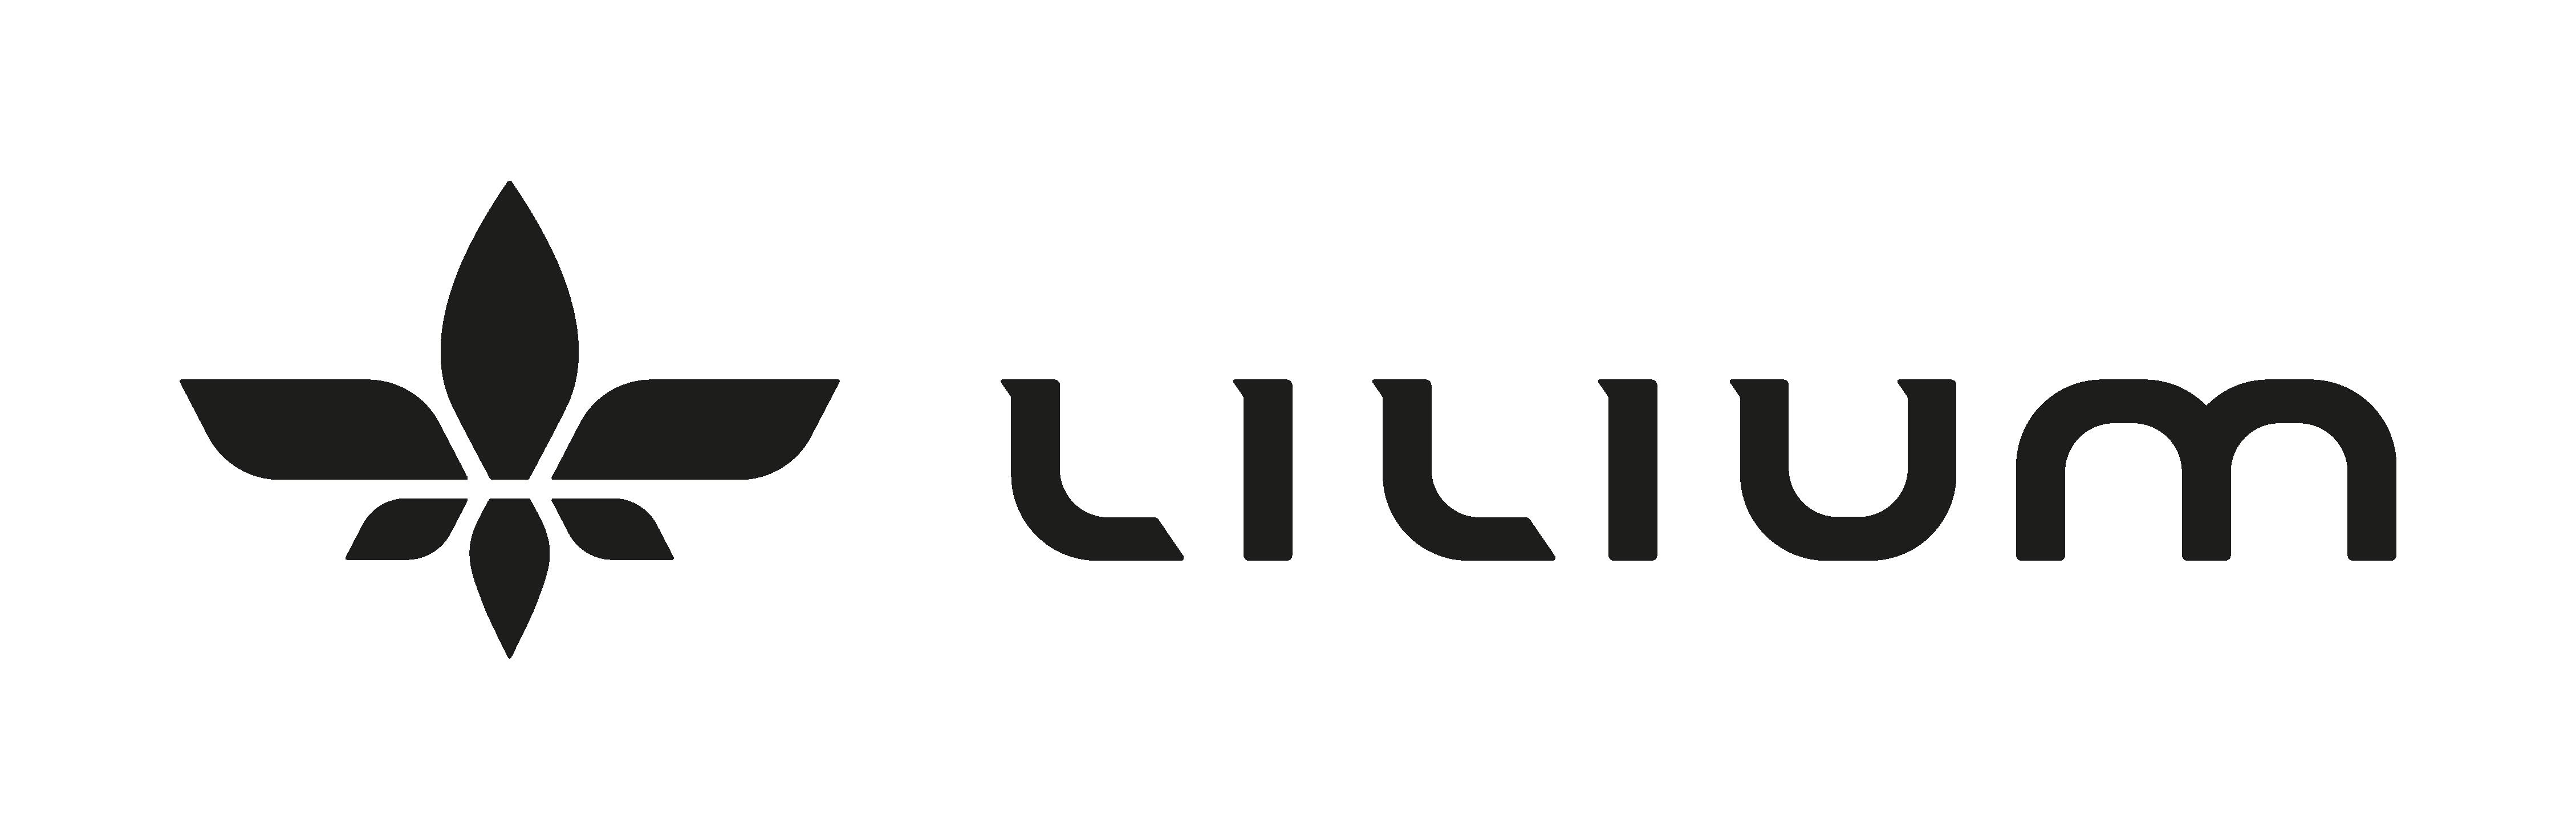 Lilium logo black